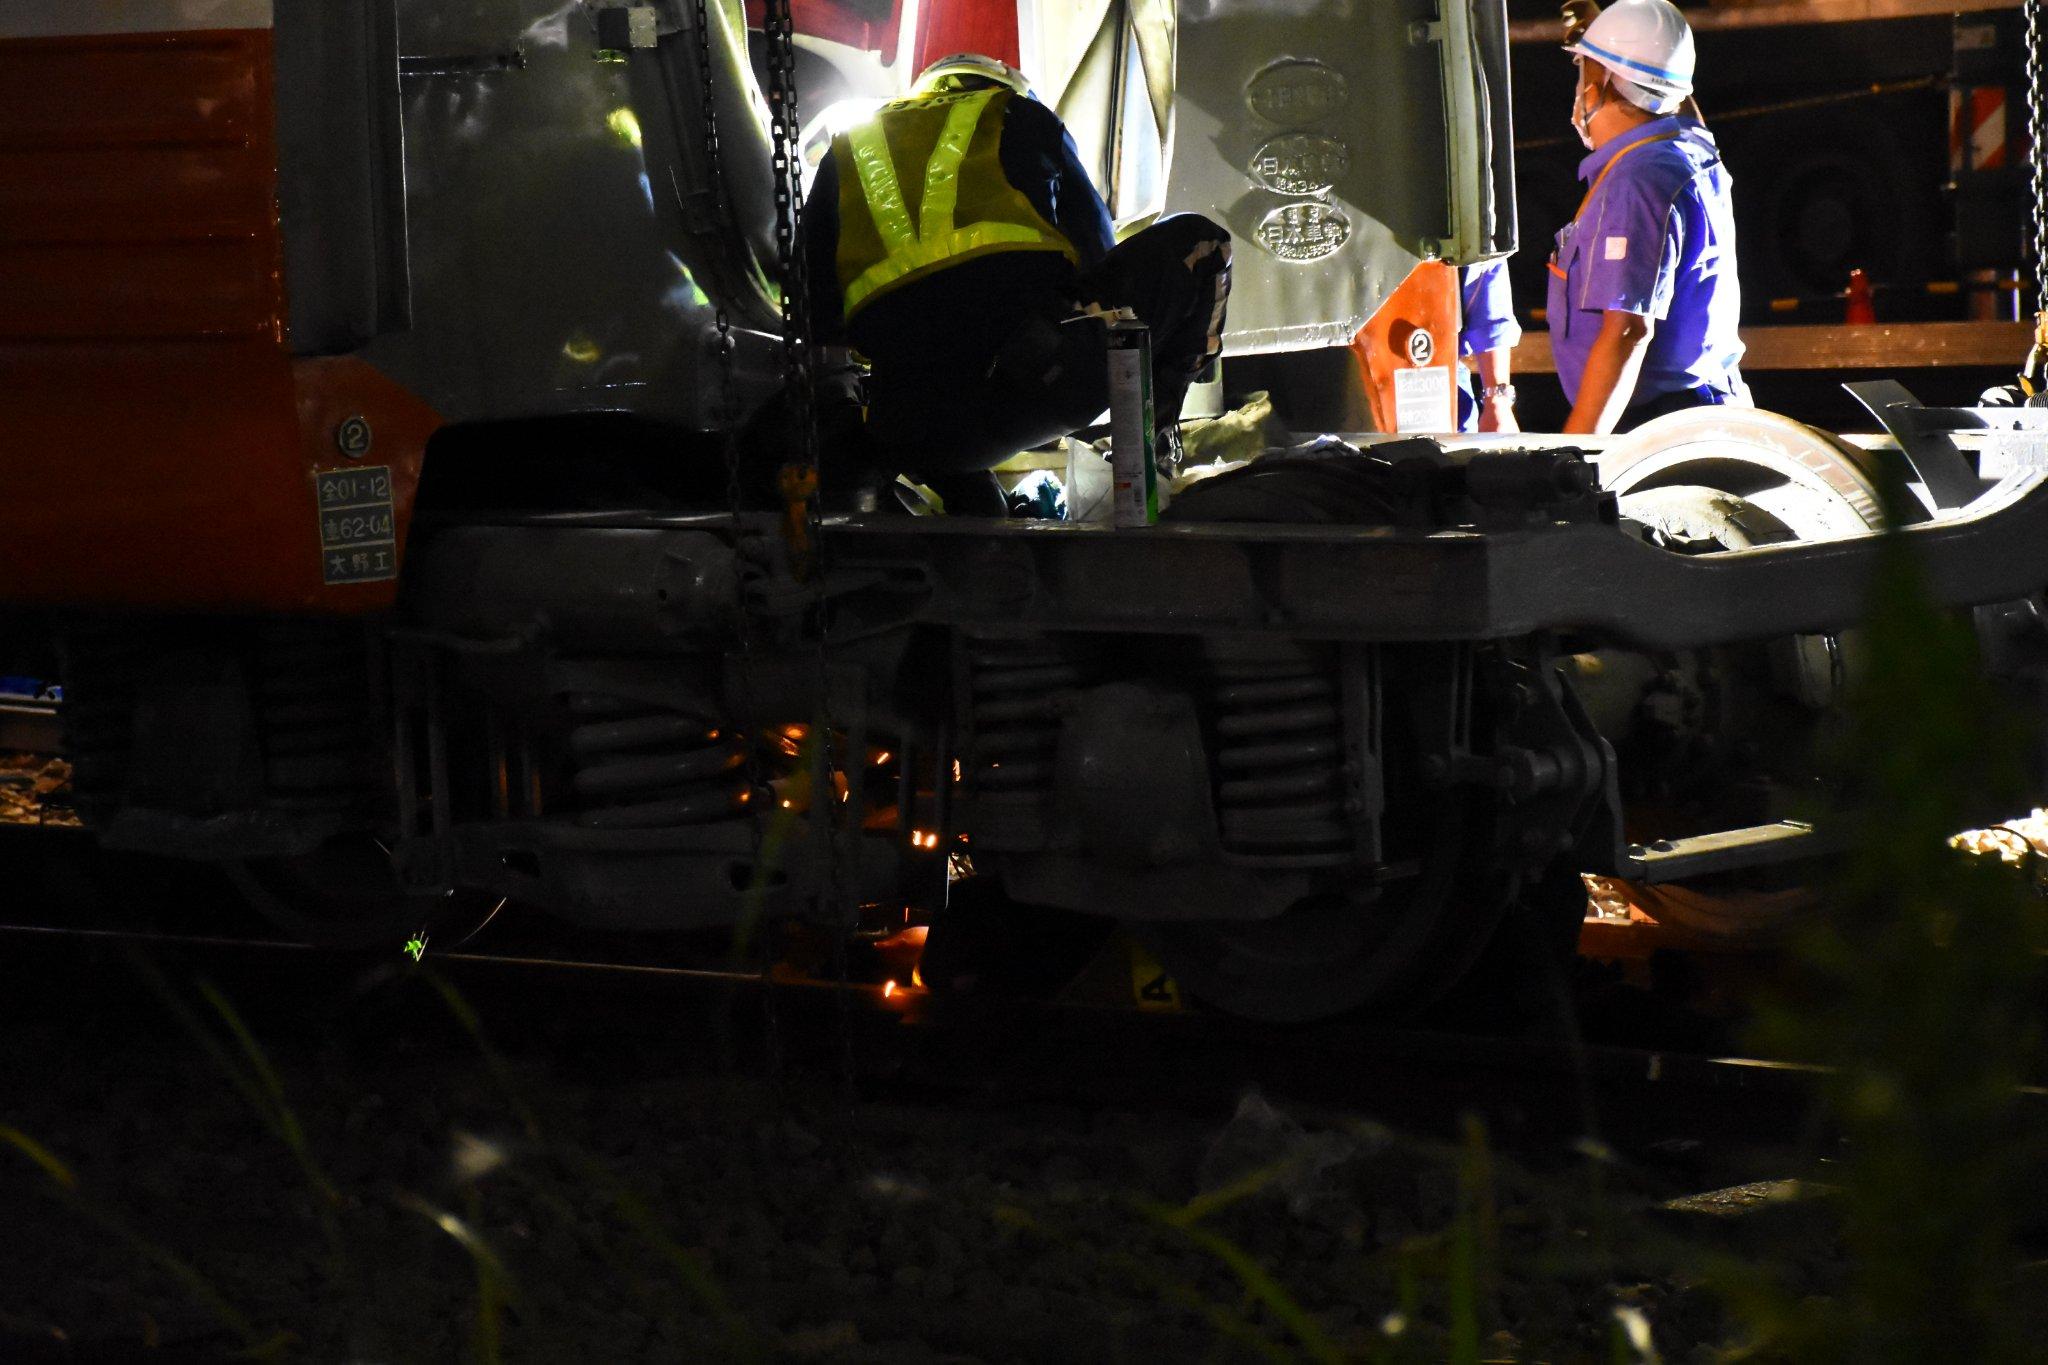 【衝撃】初代ロマンスカー3000形SEがミュージアム展示のための輸送中に破損 クレーンで釣り上げる際に台車が落下 現場では切断作業が